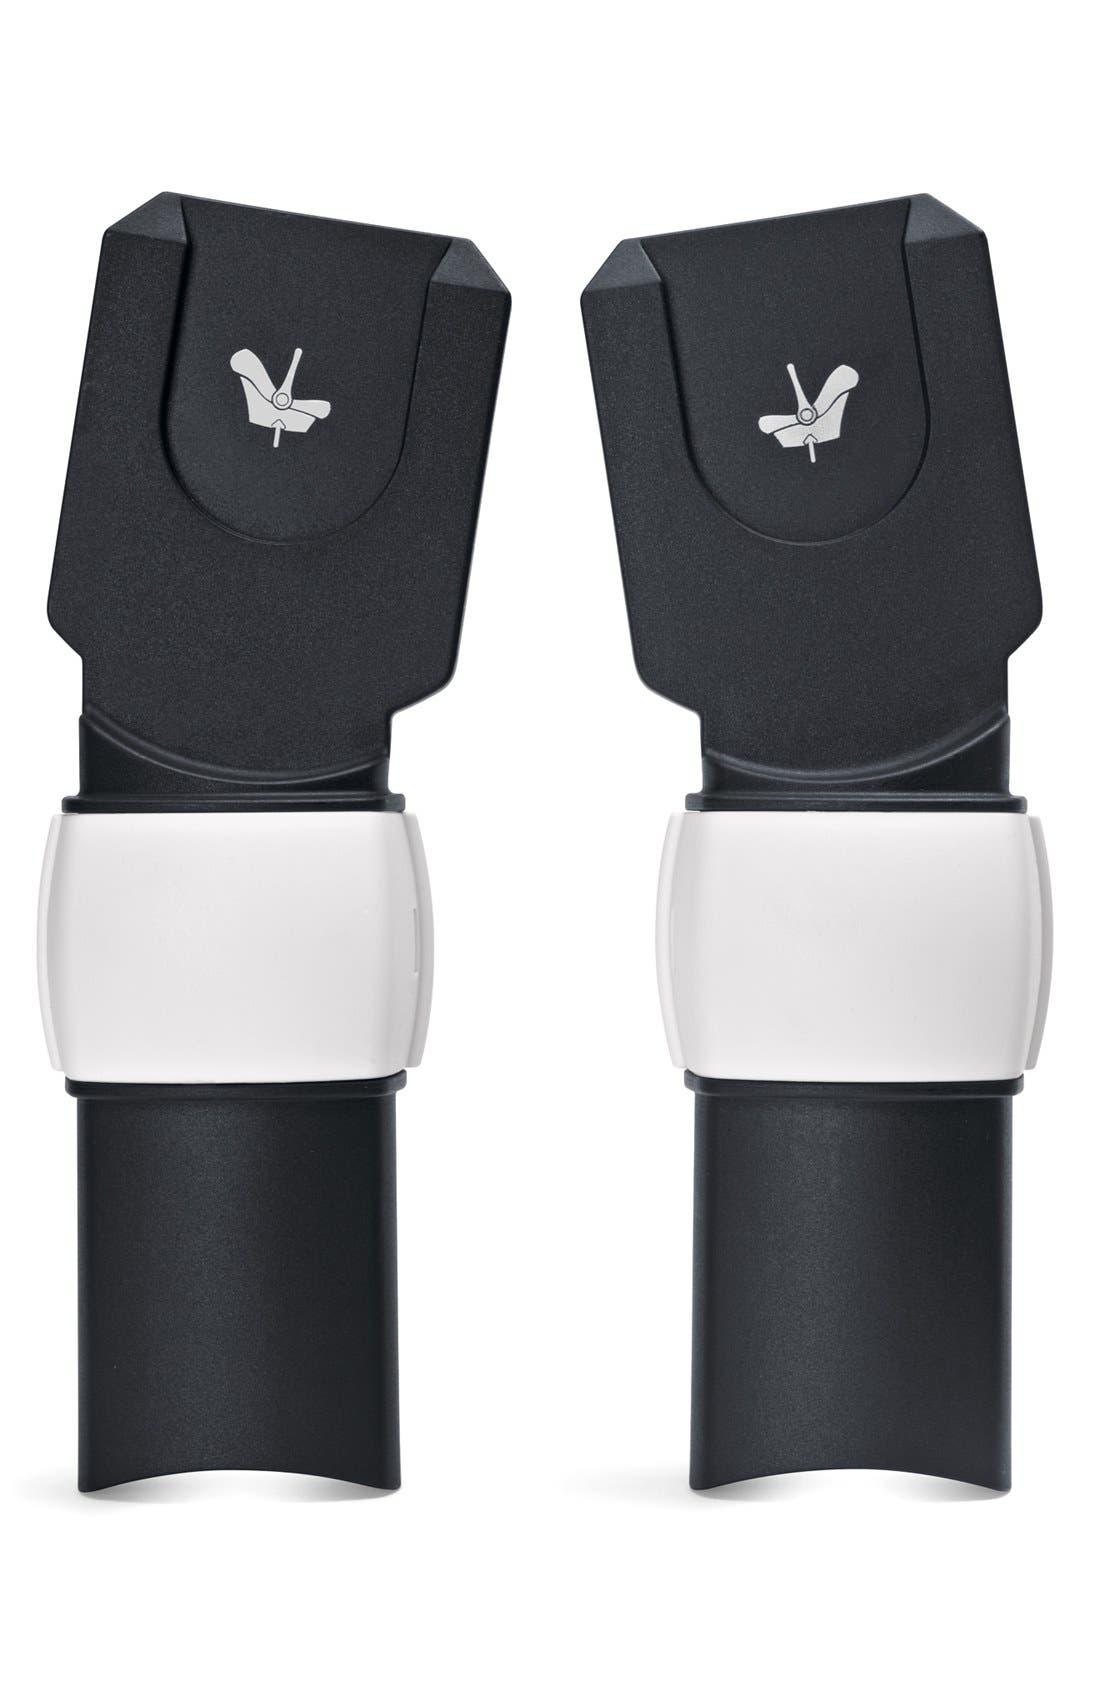 'Buffalo' Maxi Cosi Car Seat Adaptors,                         Main,                         color, Black